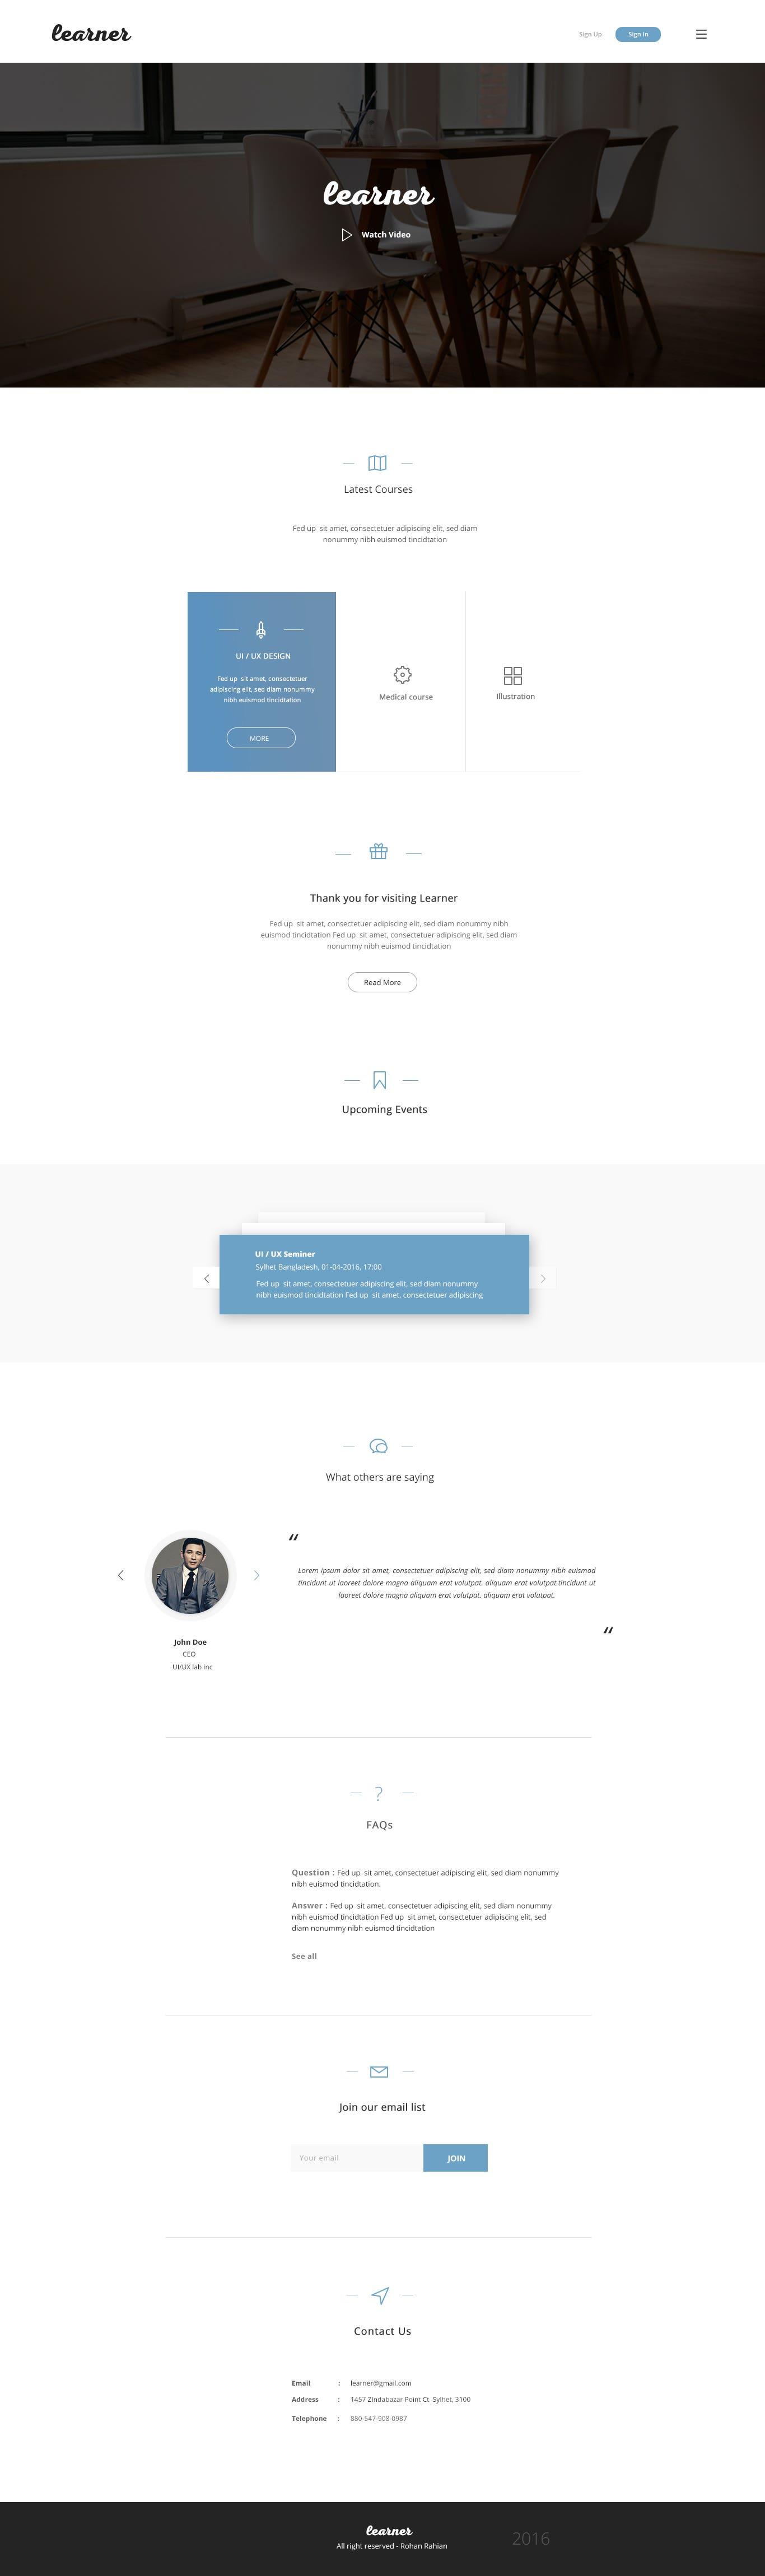 learner - landing page design